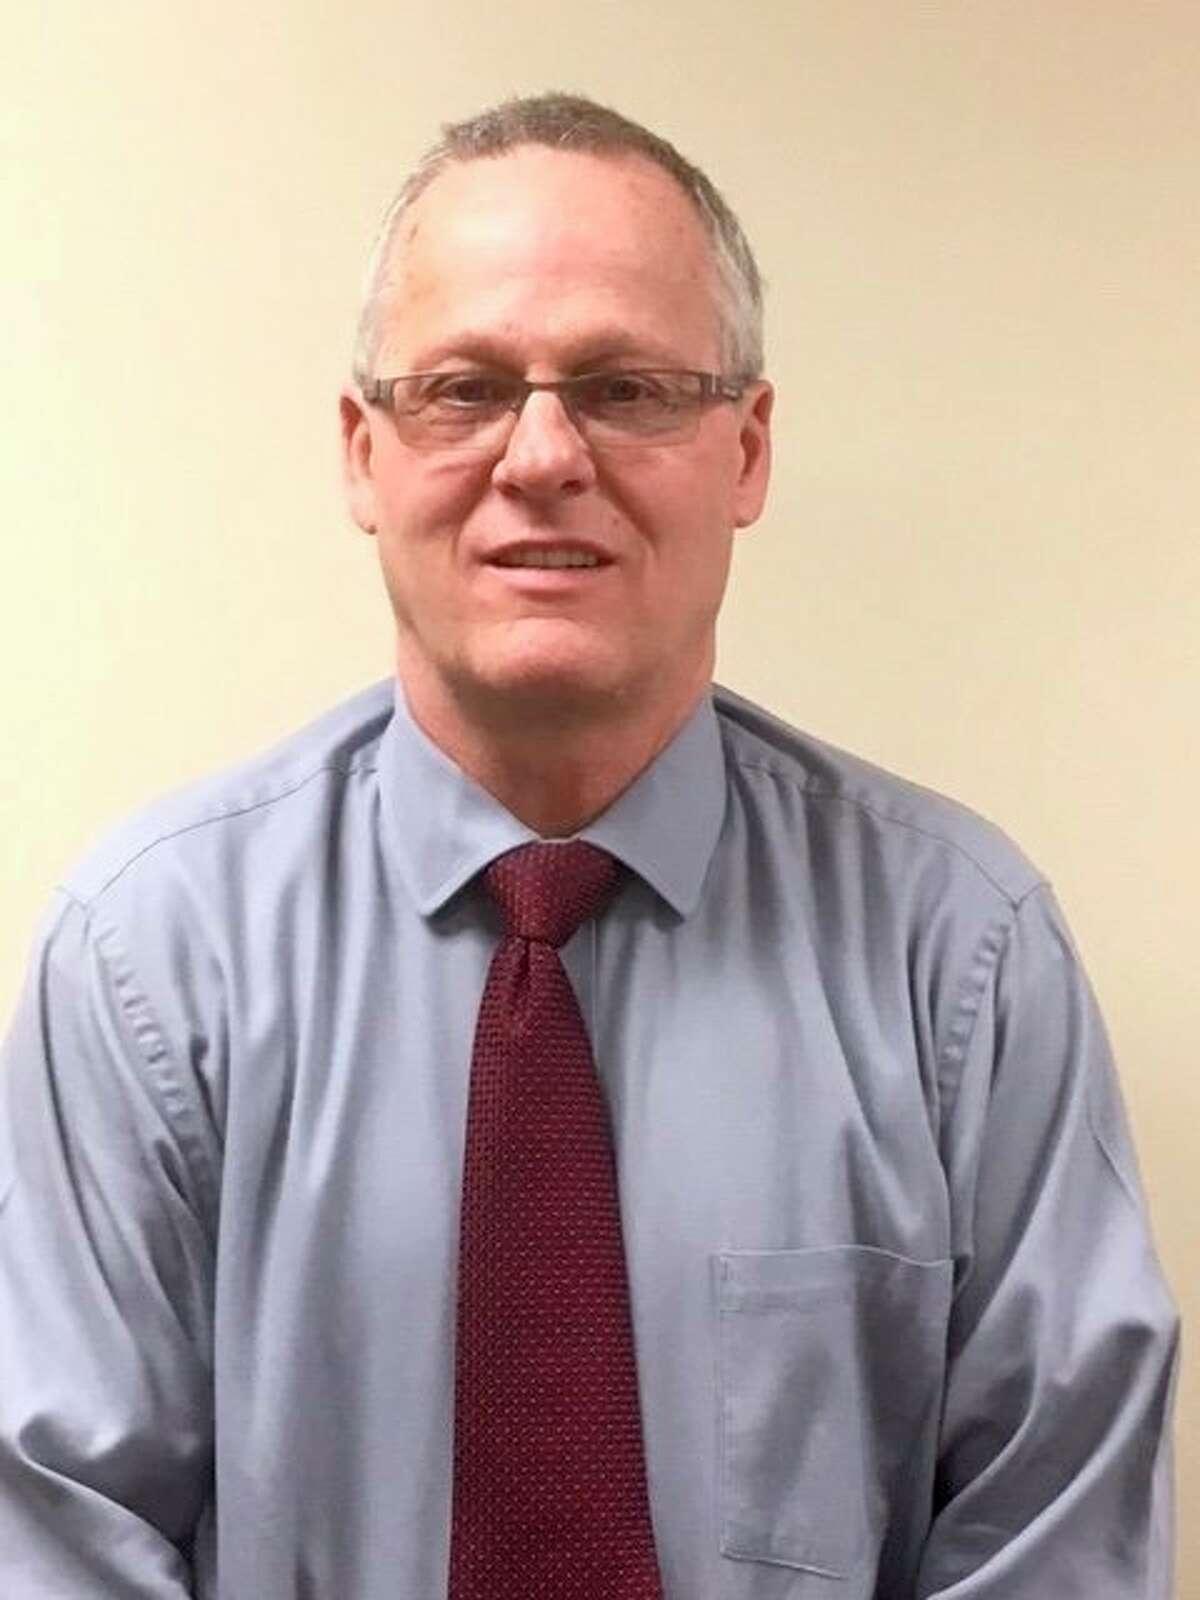 Jeff Hartel